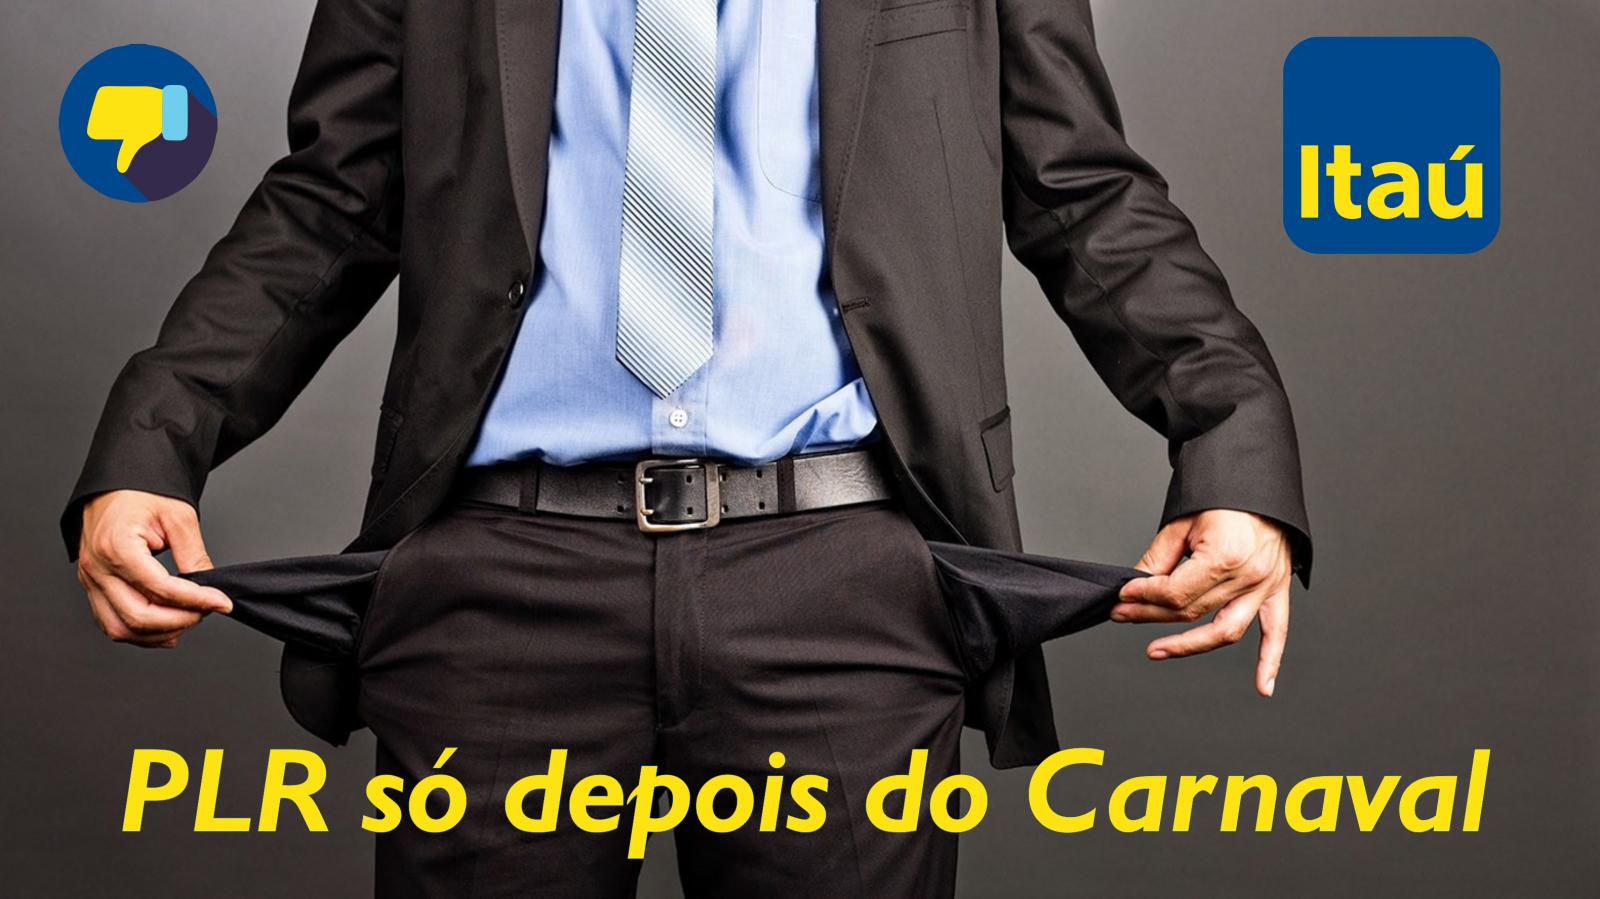 Itaú: apesar do lucro de 28 Bi, banco paga segunda parcela da PLR só depois do Carnaval